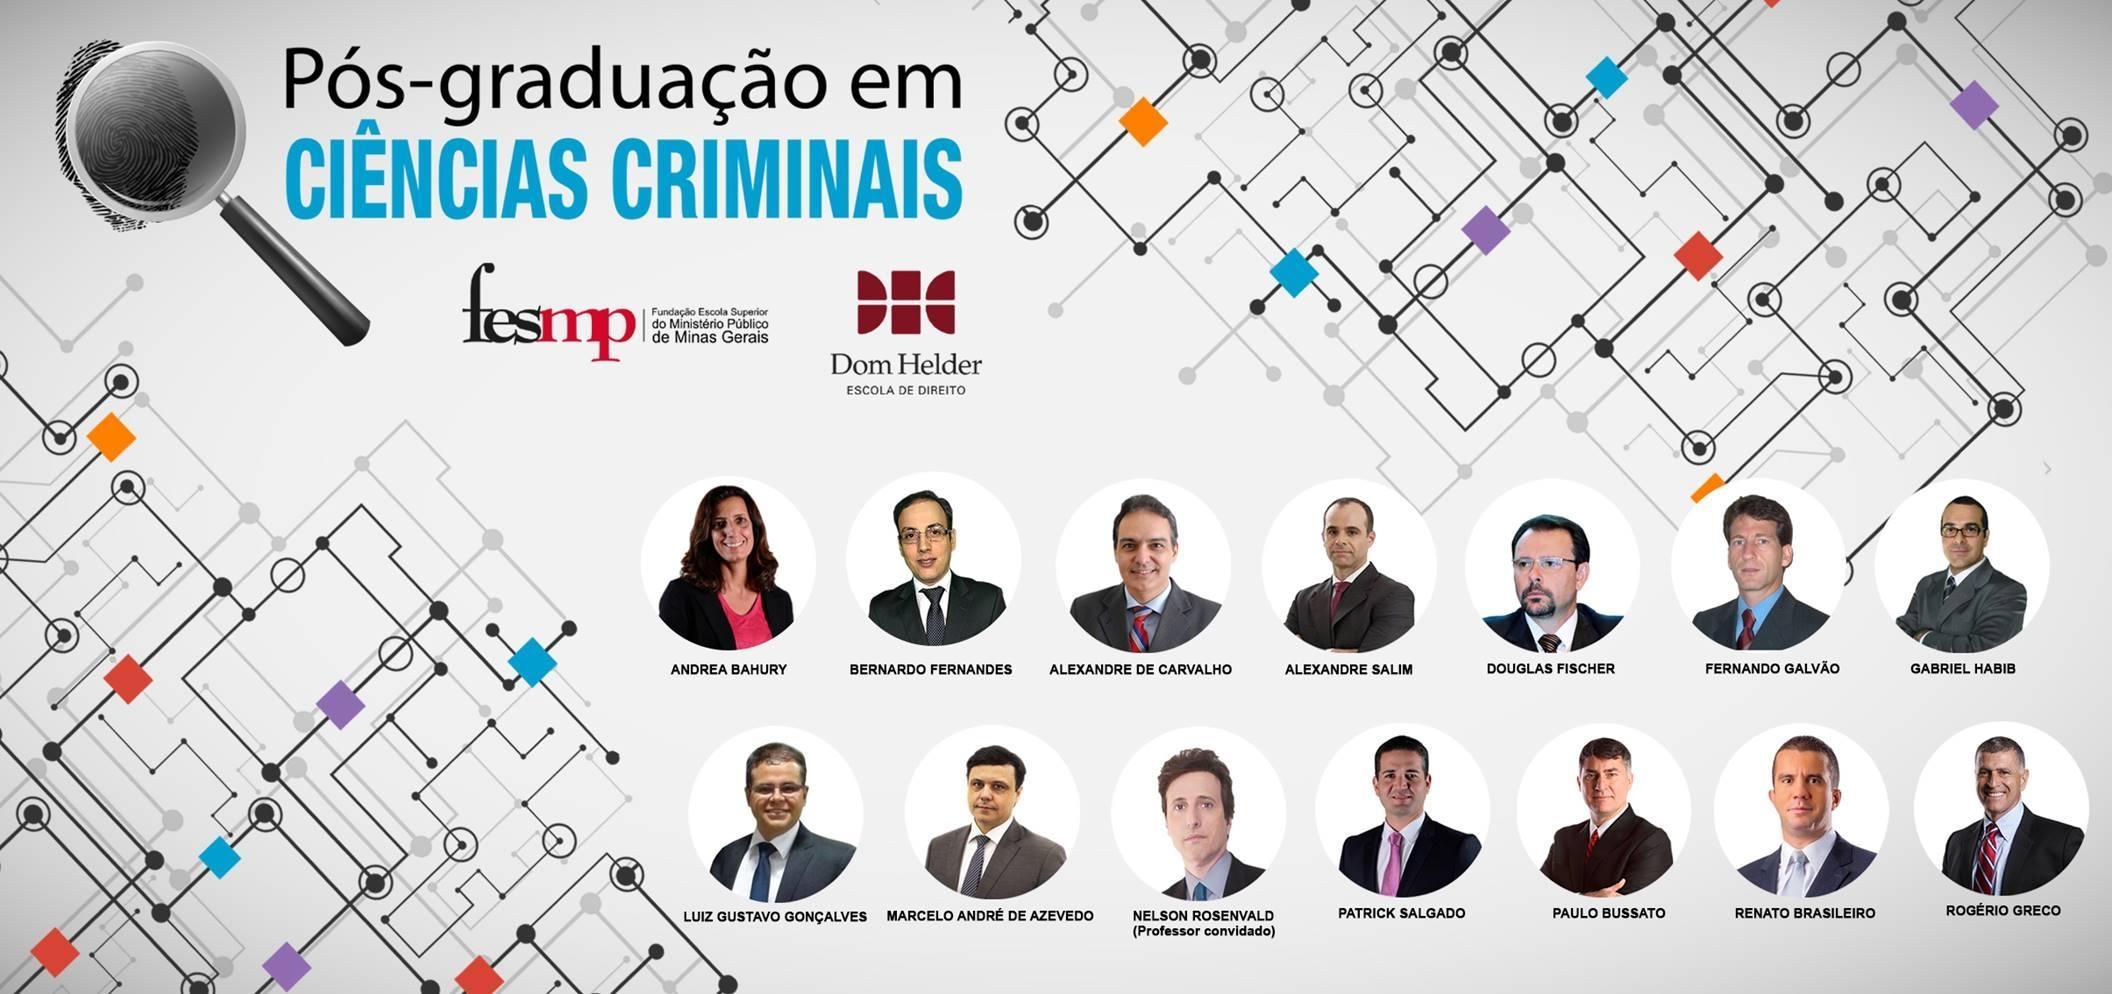 Andréa Bahury, Luiz Gustavo Ribeiro e Patrick Salgado, da Dom Helder, integram o corpo docente.